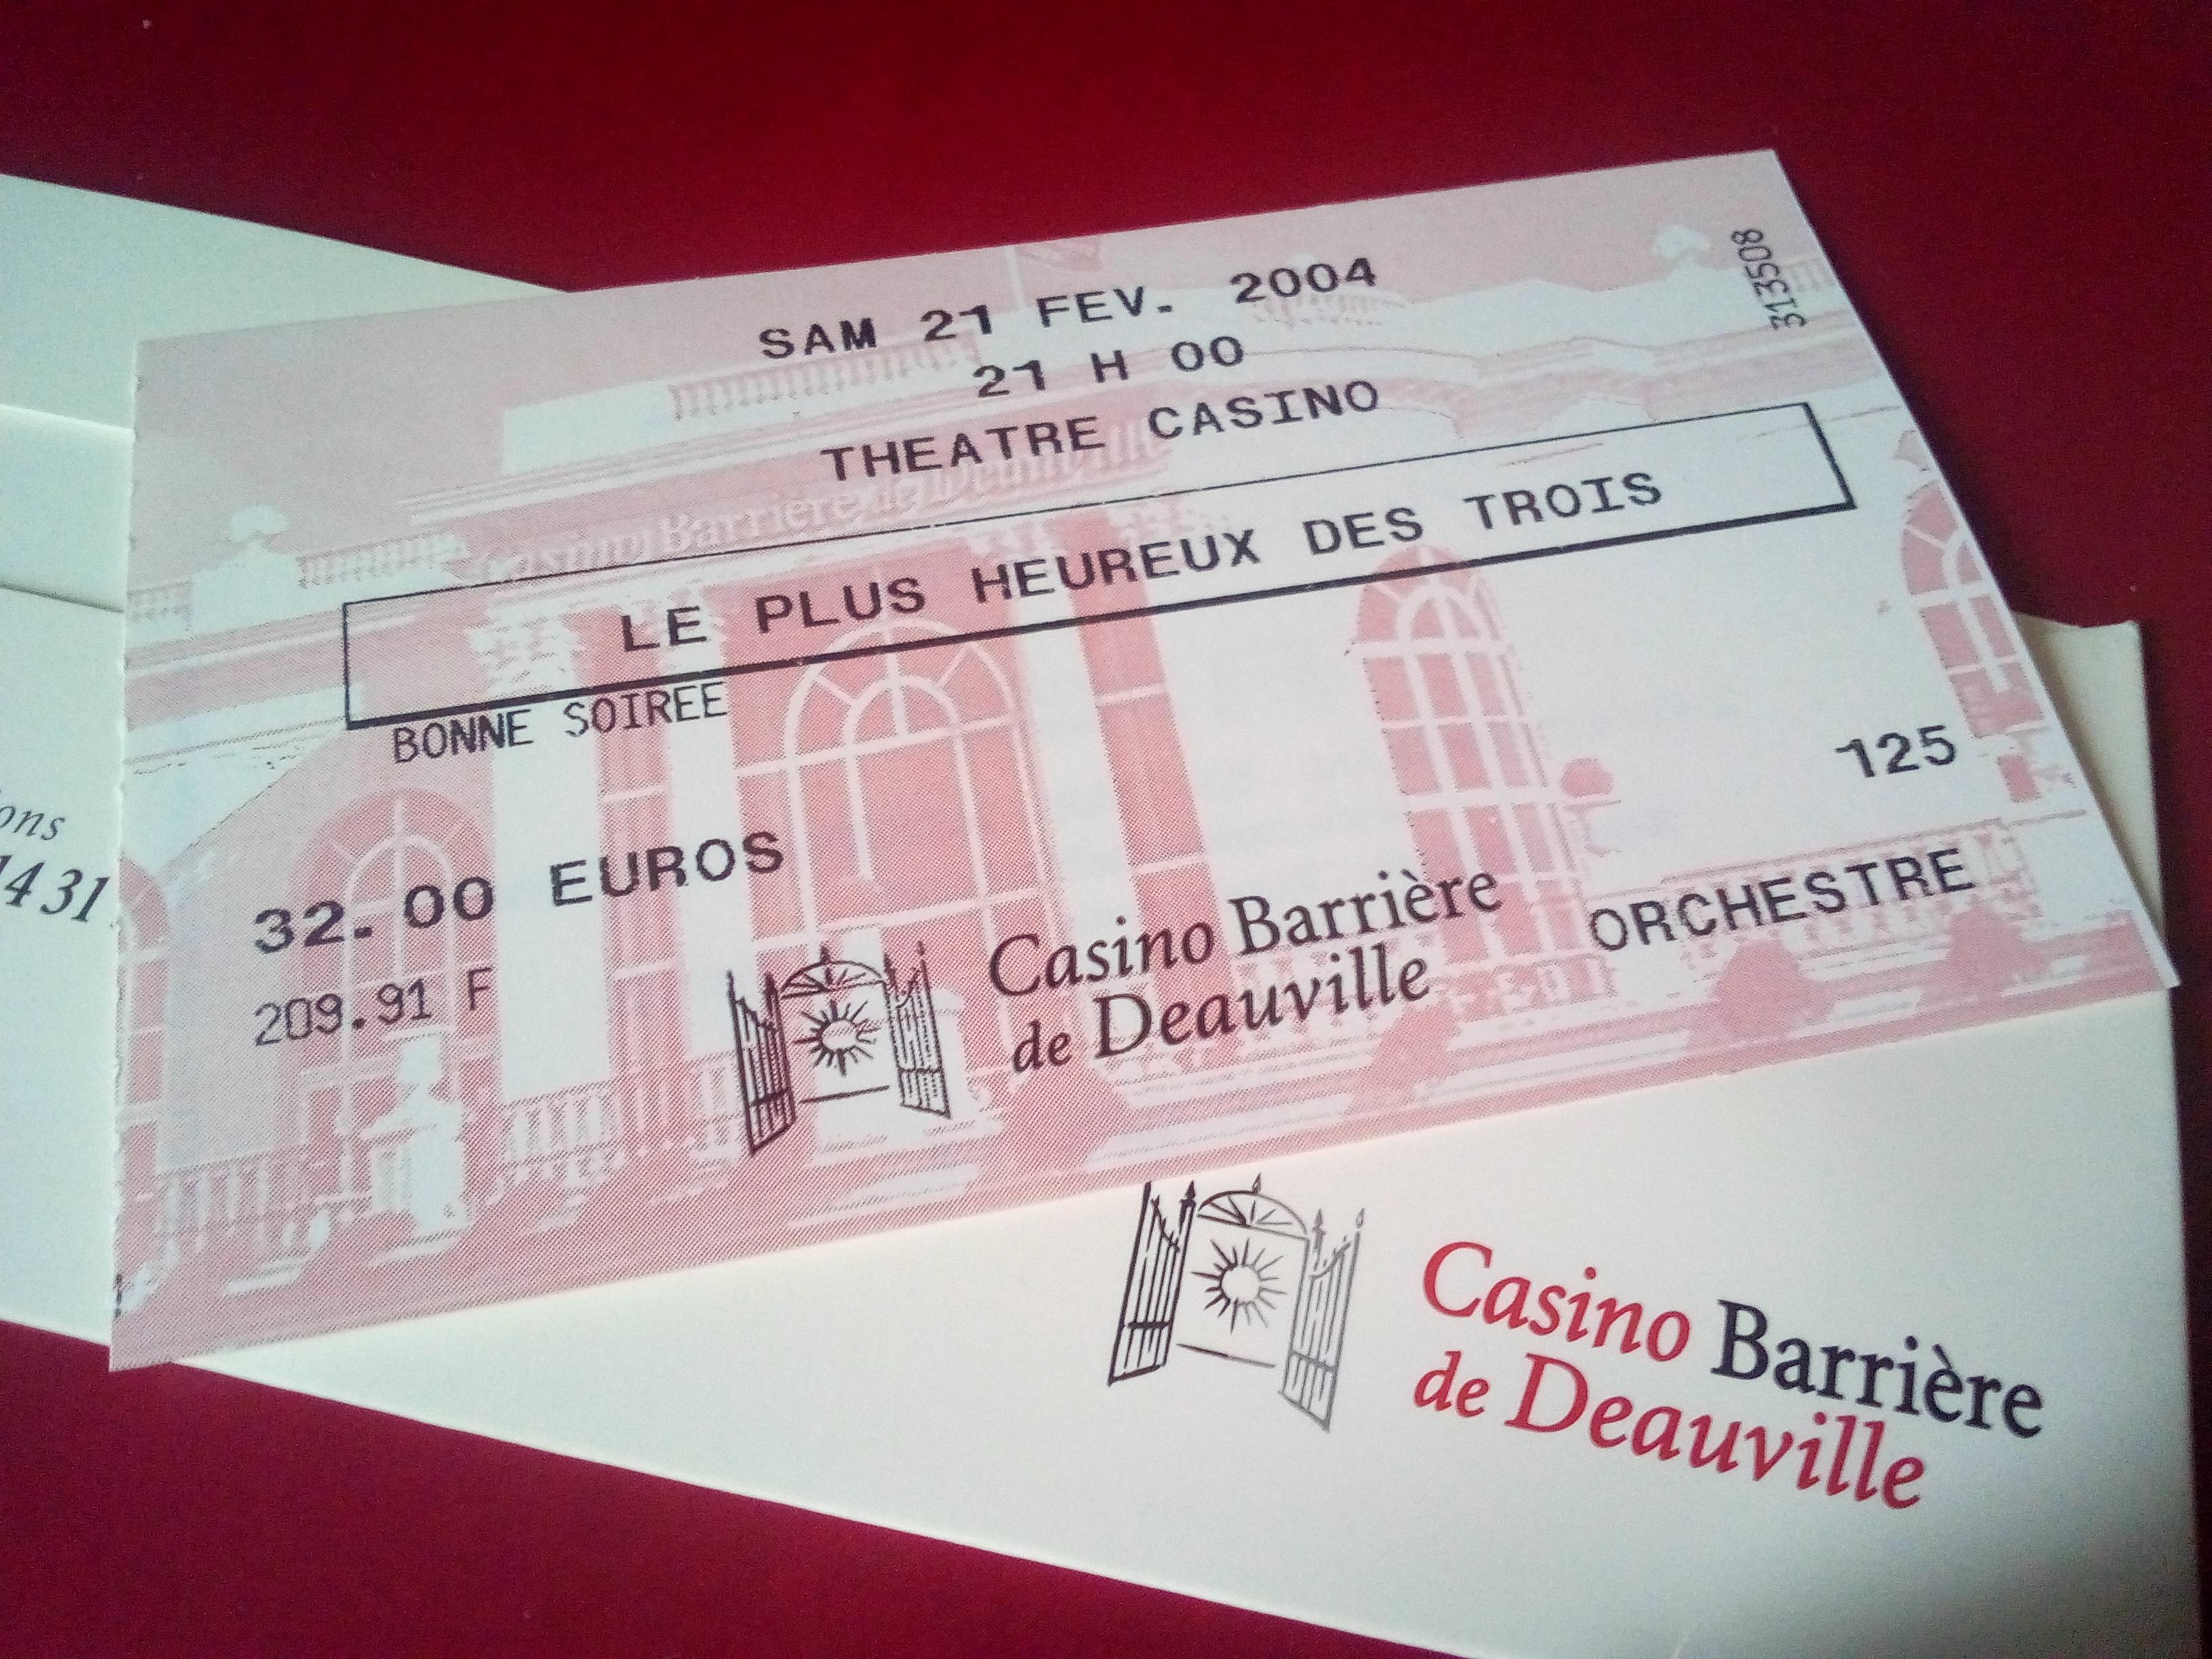 Le Plus Heureux des Trois, pièce d'Eugène Labiche, avec Pierre Bellemare, Deauville 2004